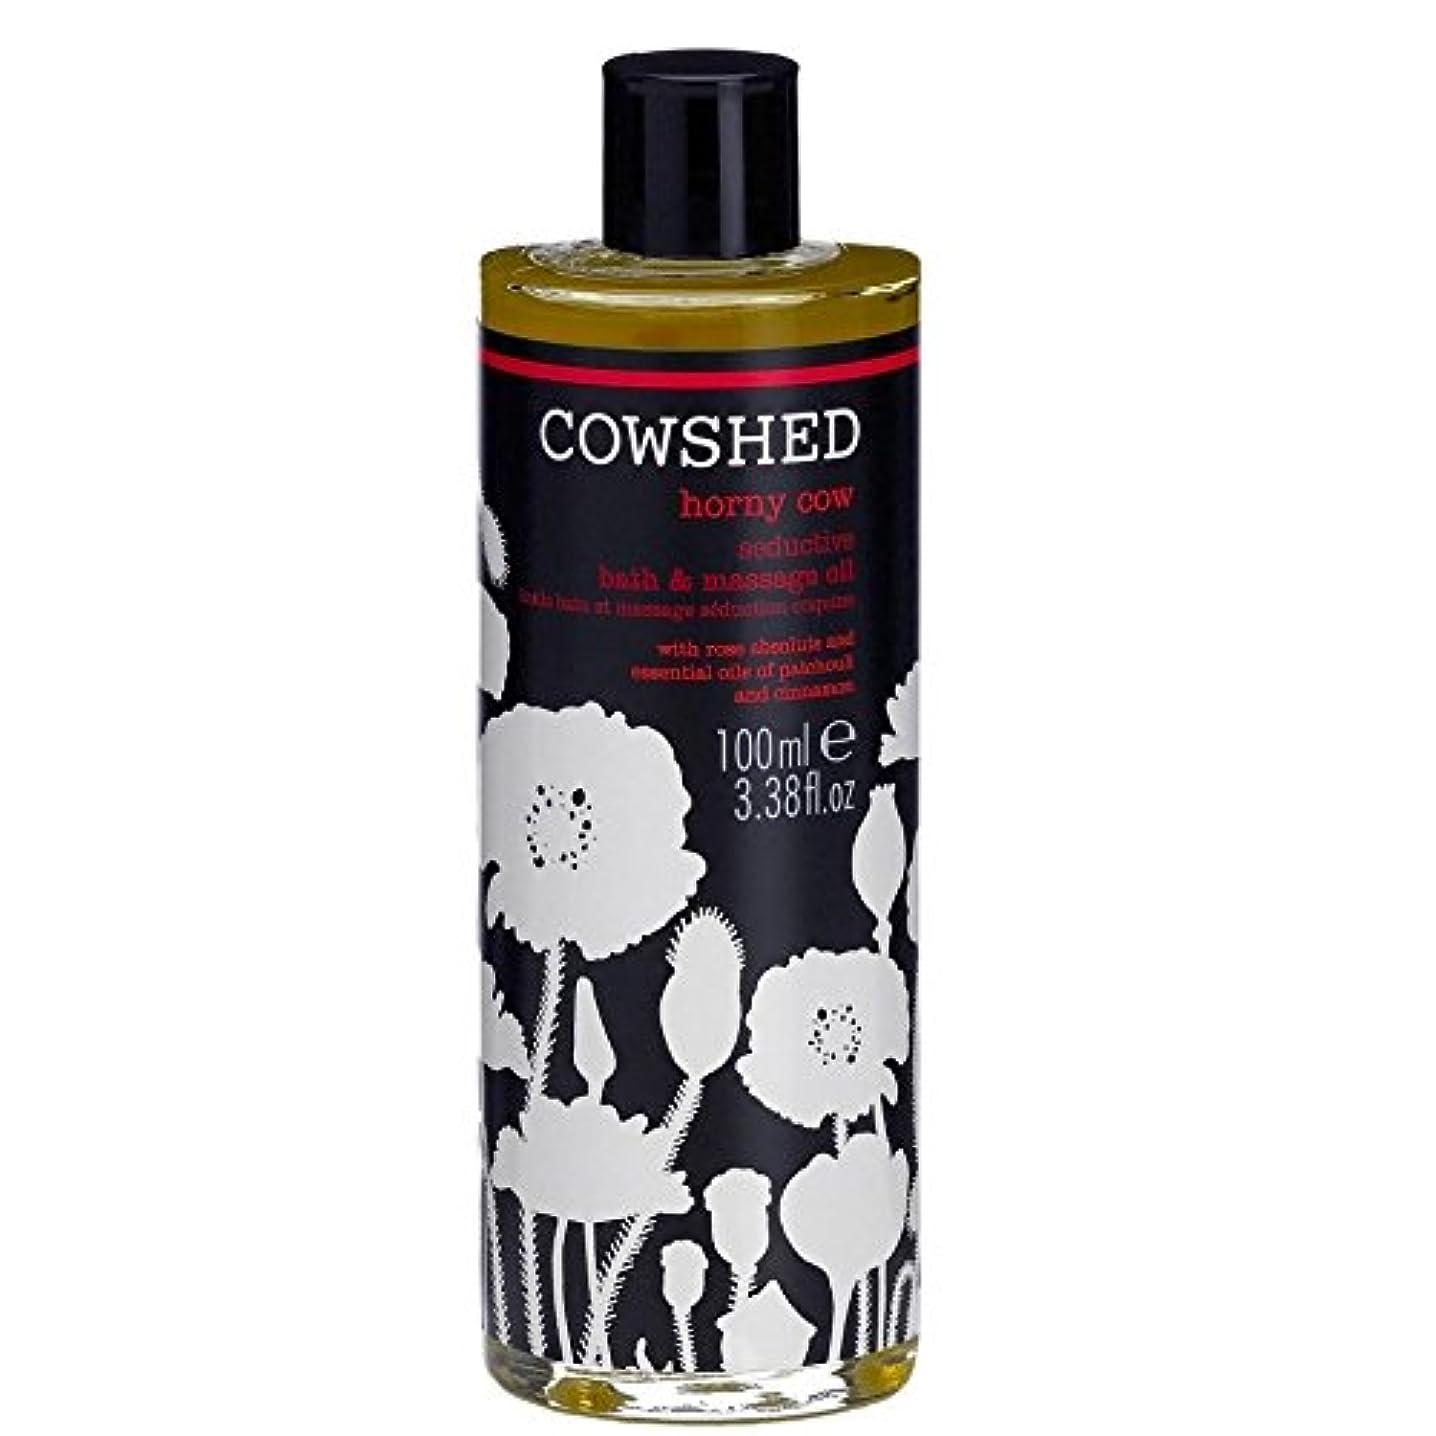 一般的な数値シーン牛舎角質牛魅惑的なバス、ボディオイル100ミリリットル x2 - Cowshed Horny Cow Seductive Bath and Body Oil 100ml (Pack of 2) [並行輸入品]